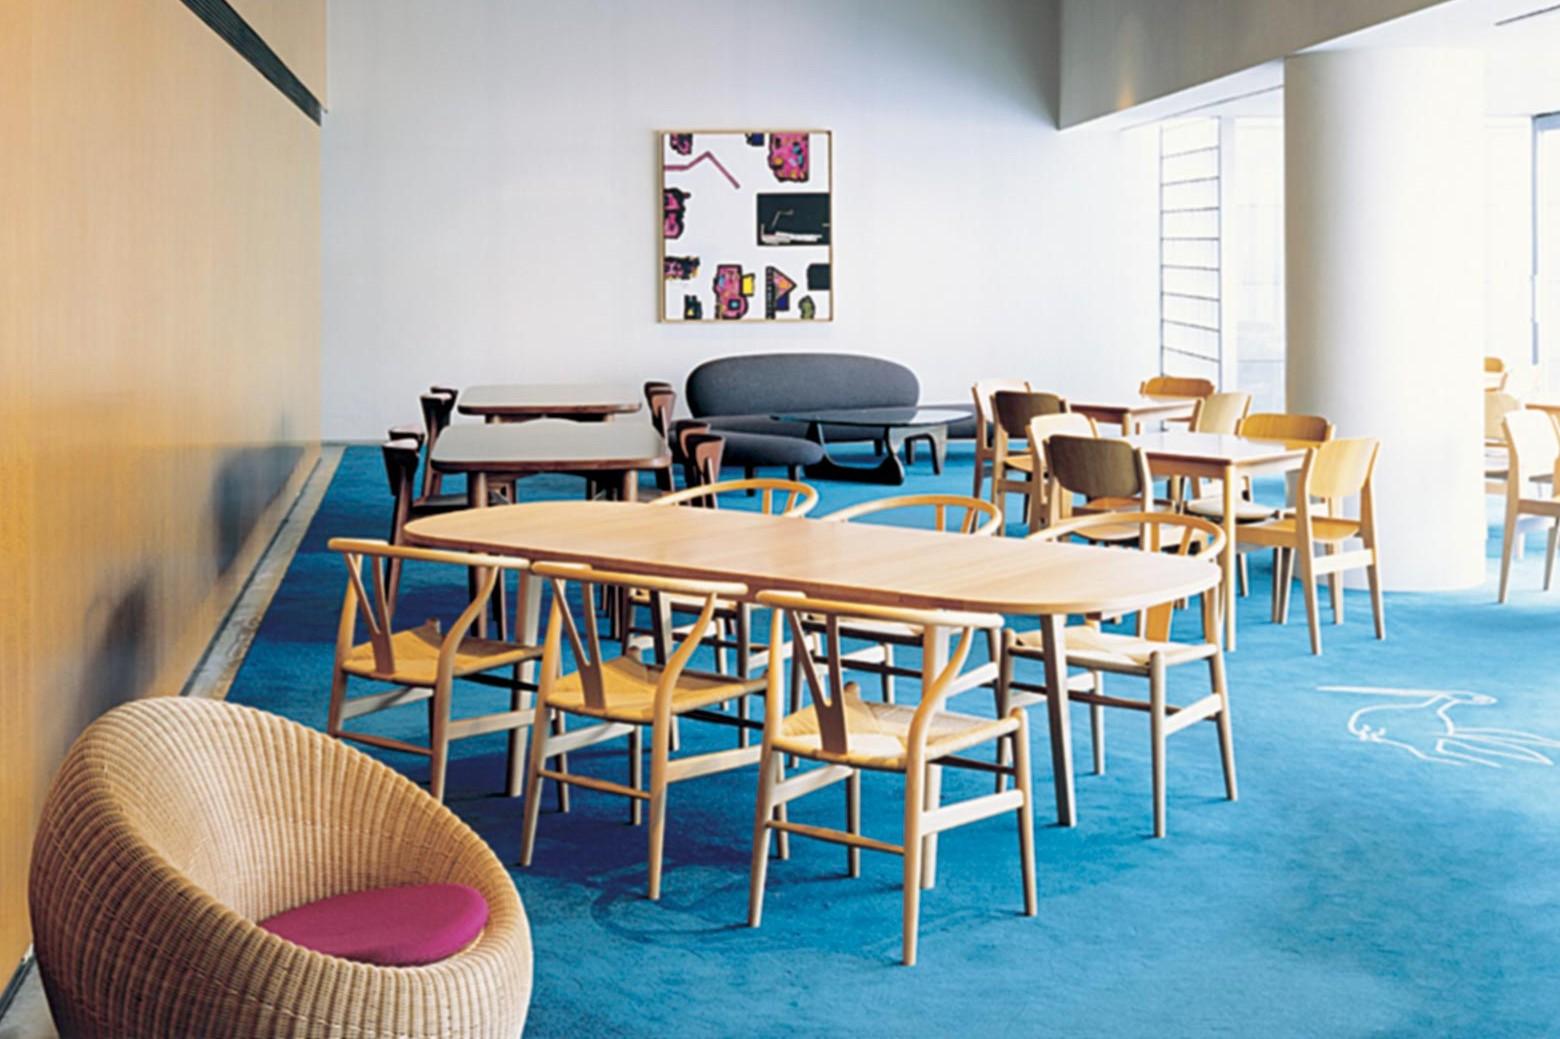 丸亀のカフェはおしゃれな個室で!子連れでも安心のお店もあり!